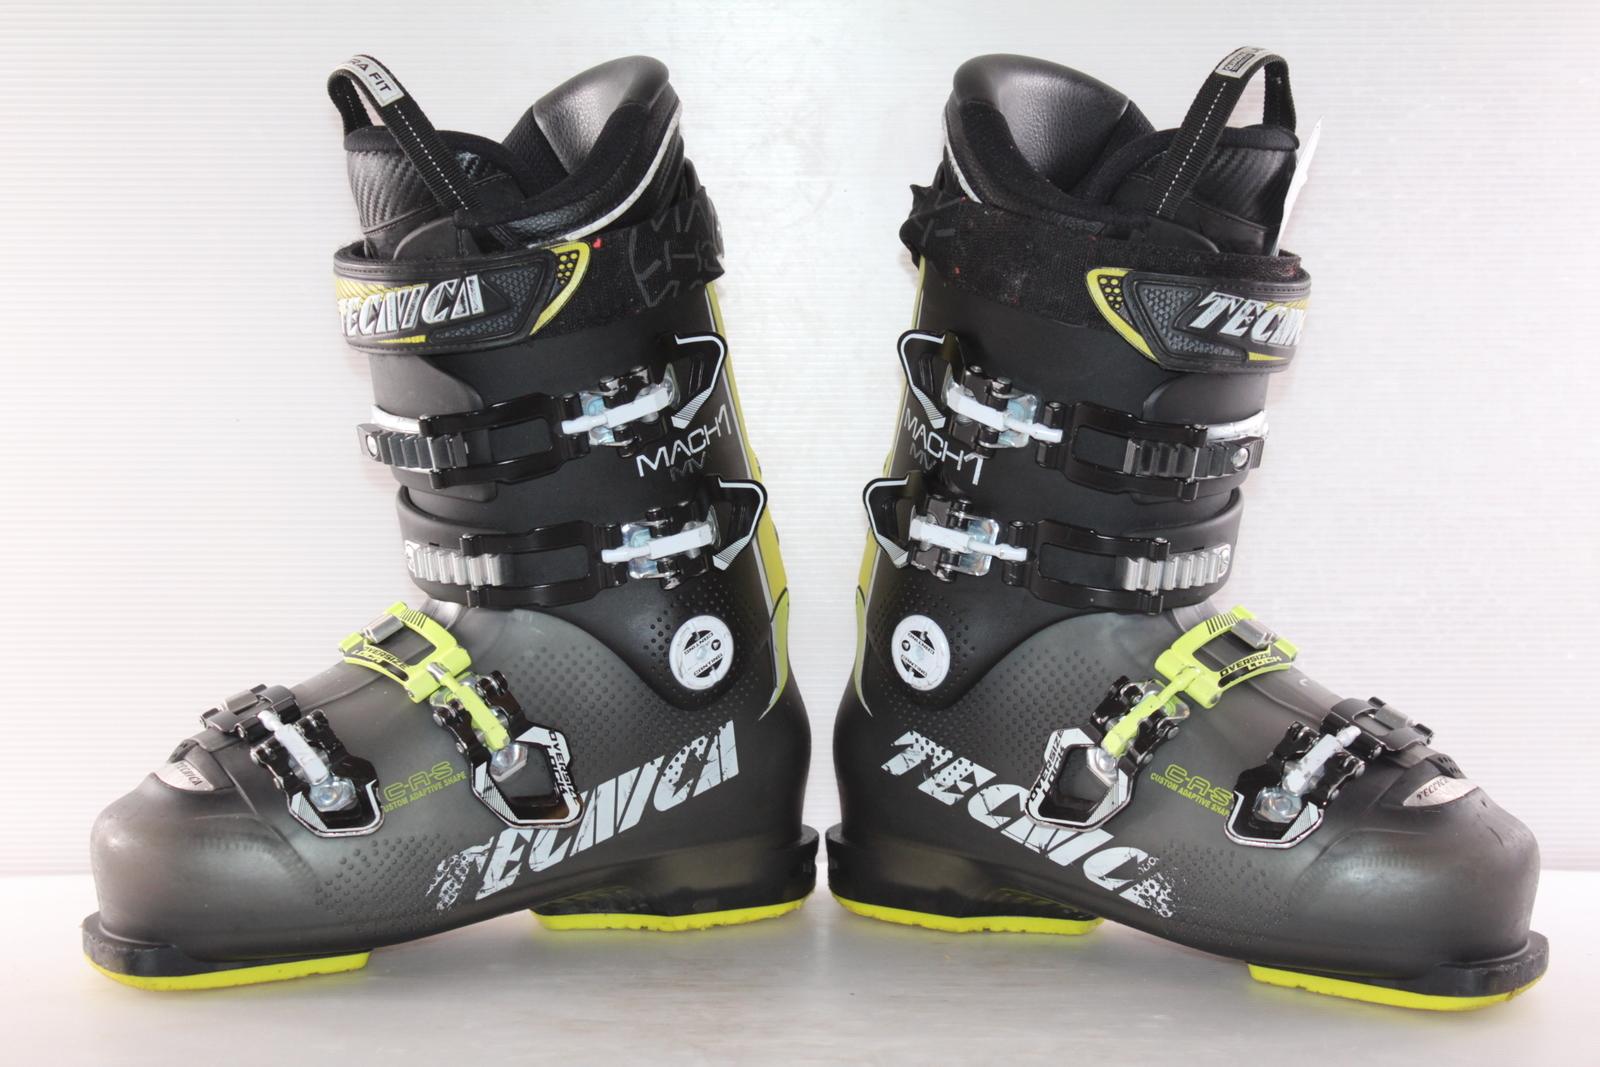 Lyžařské boty Tecnica Mach 1 MV vel. EU41